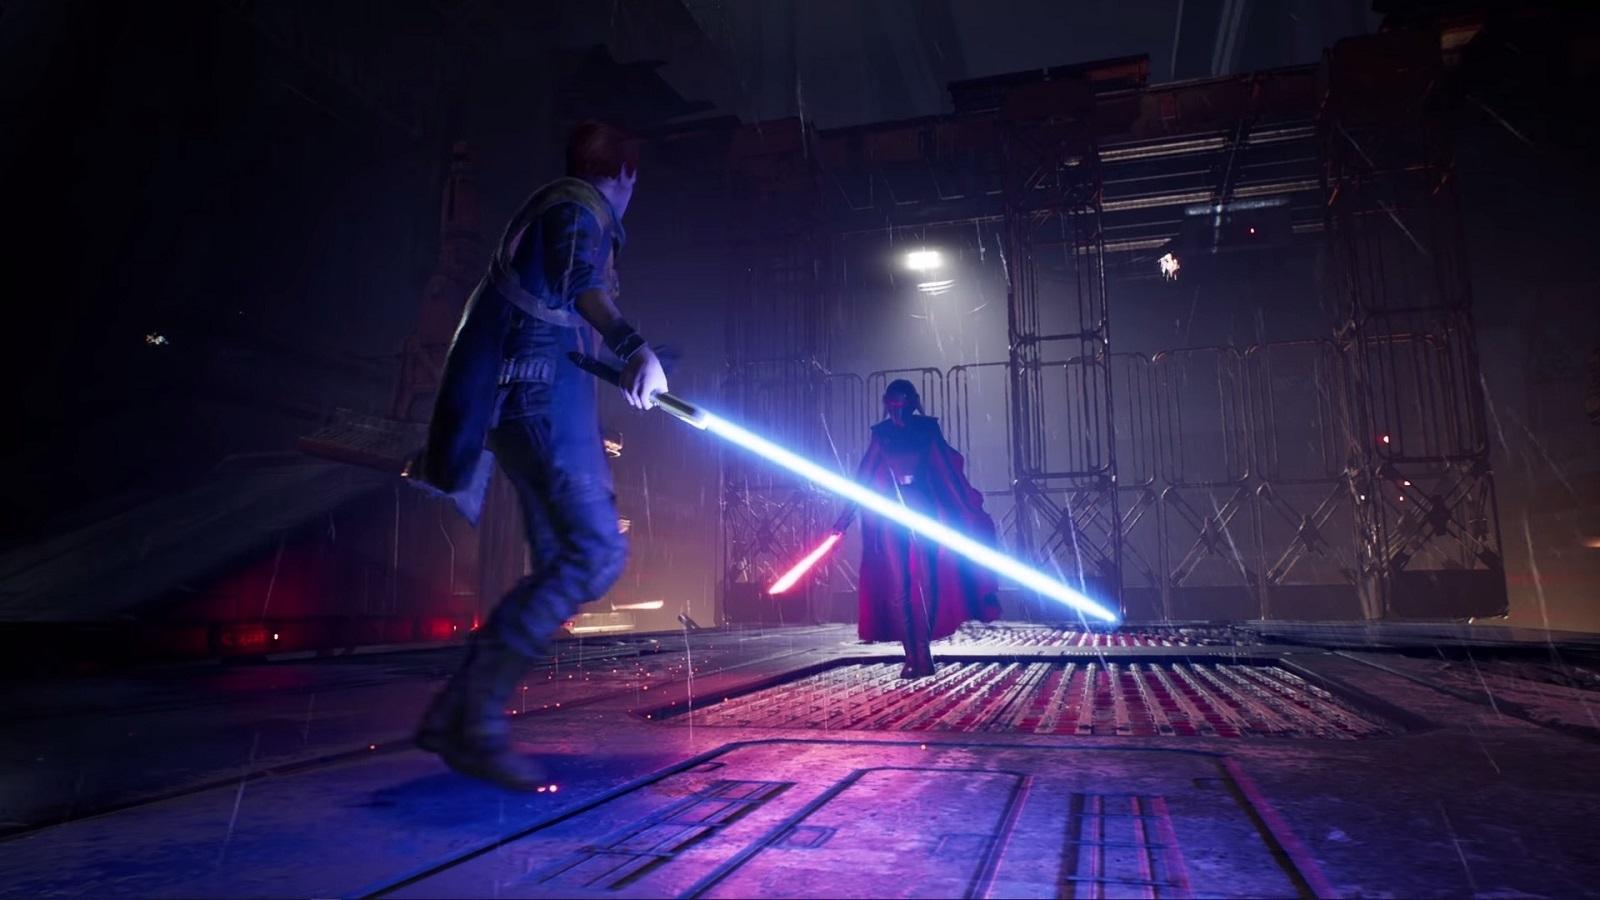 «Прорывную» игру по «Звёздным войнам» от Ubisoft придётся подождать — разработка только началась